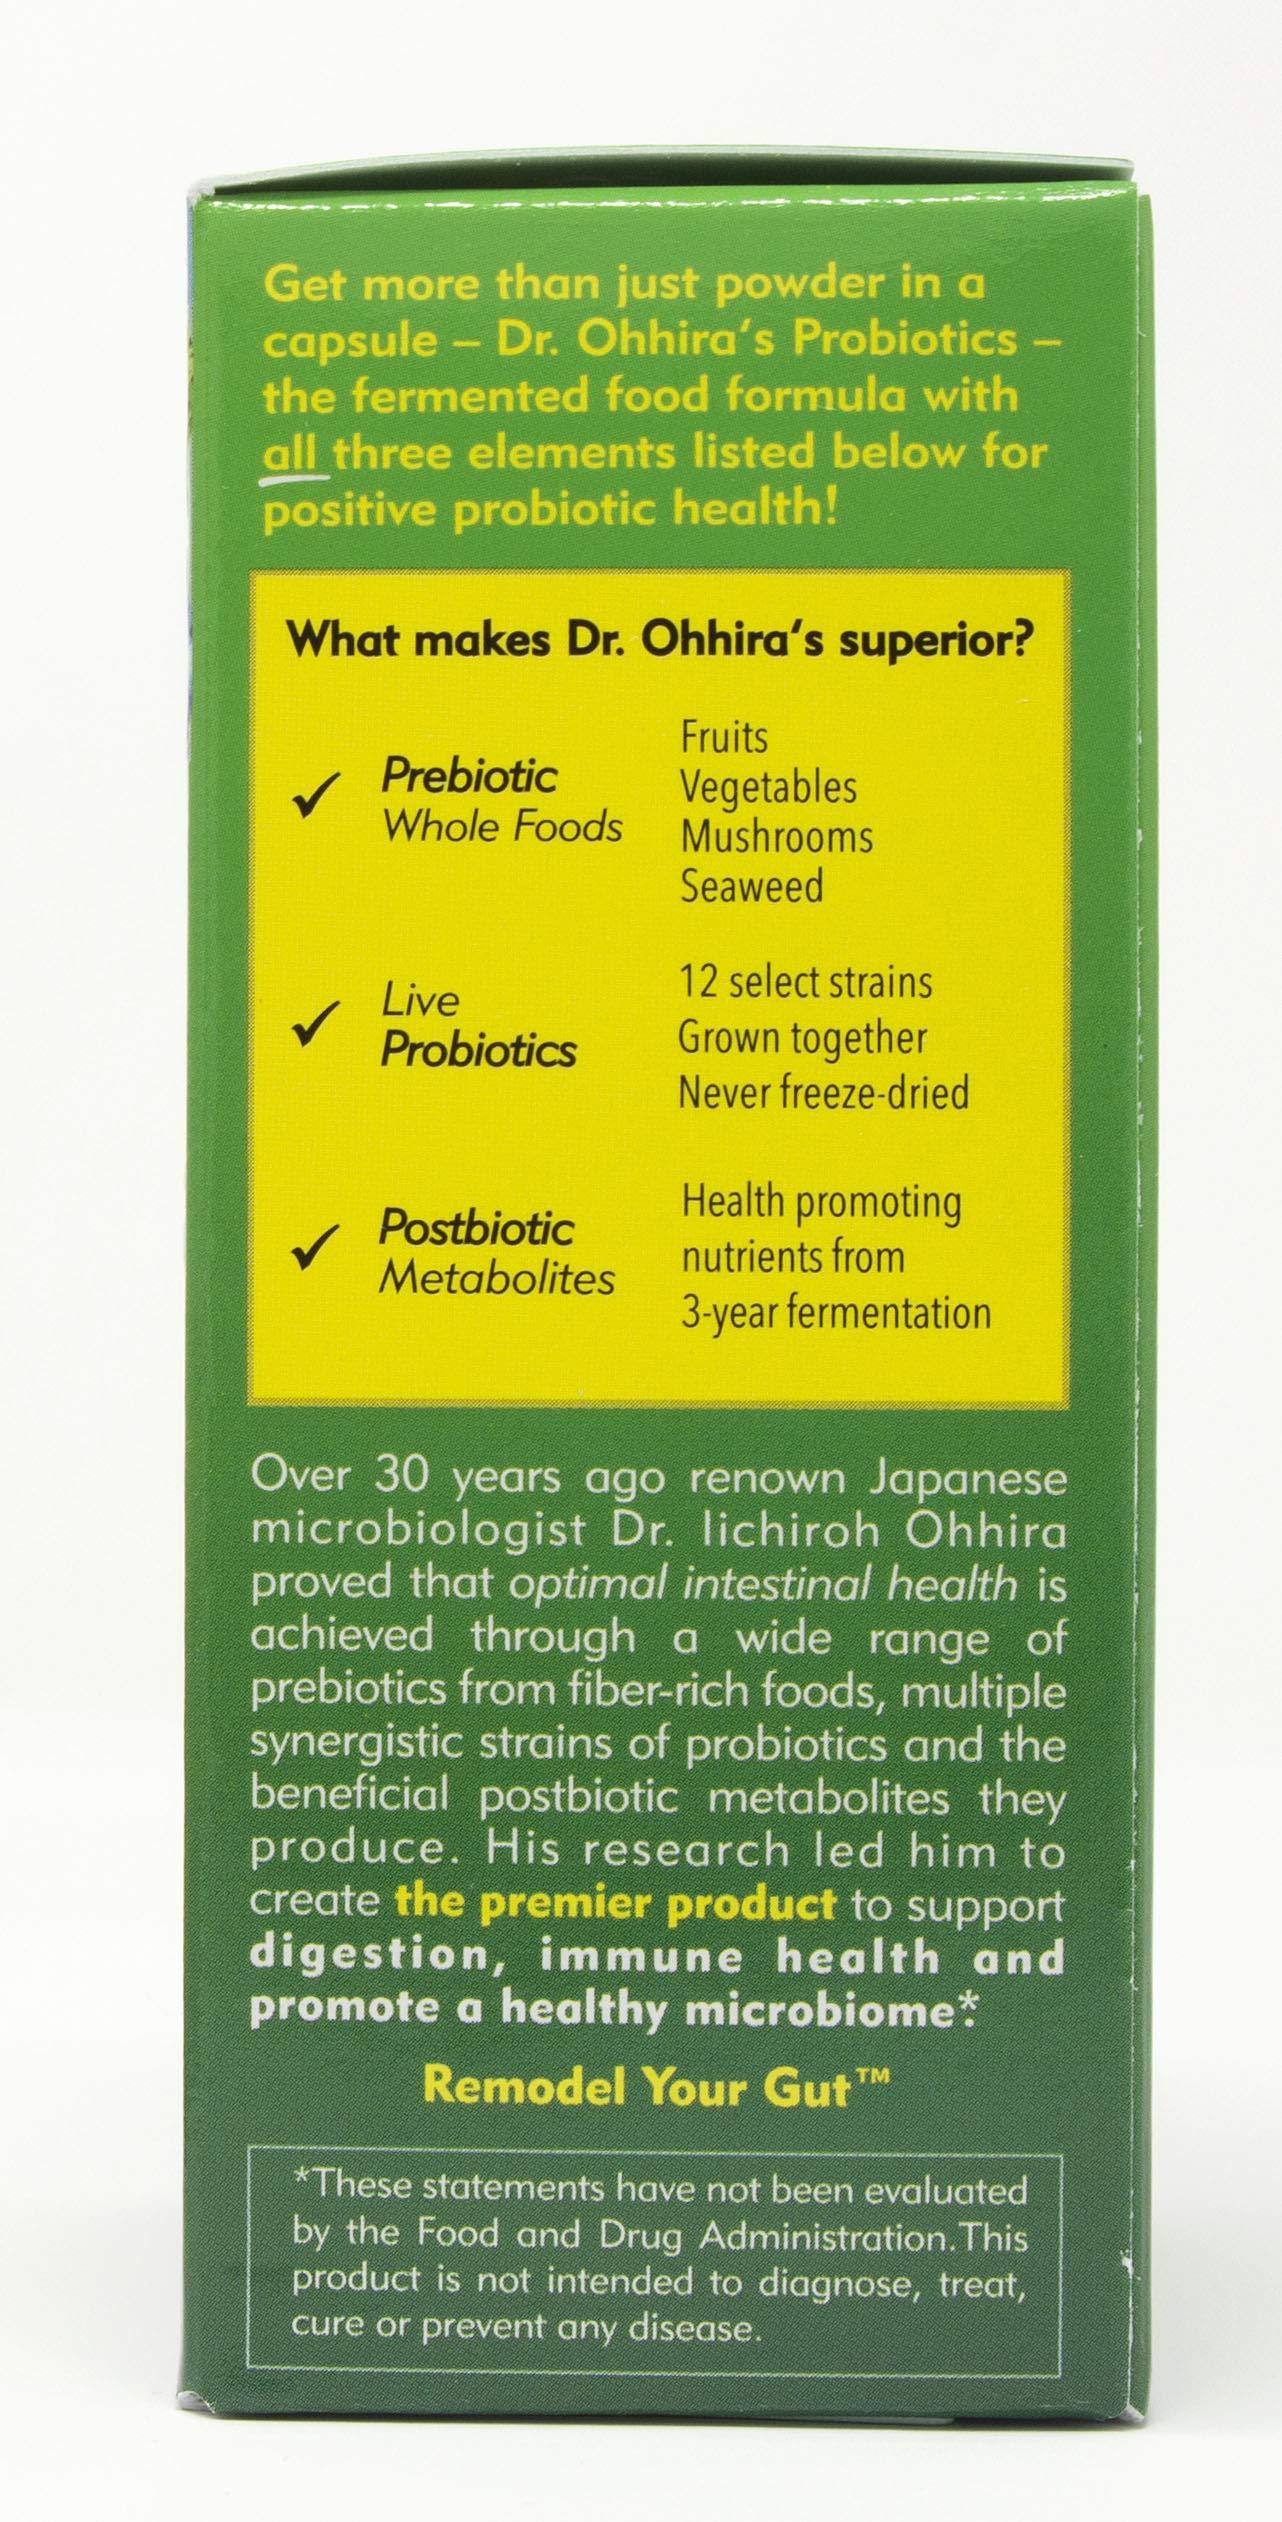 Dr. Ohhira's Probiotics, Original Formula, 60 Caps with Bonus 10 Capsule Travel Pack by Essential Formulas (Image #5)